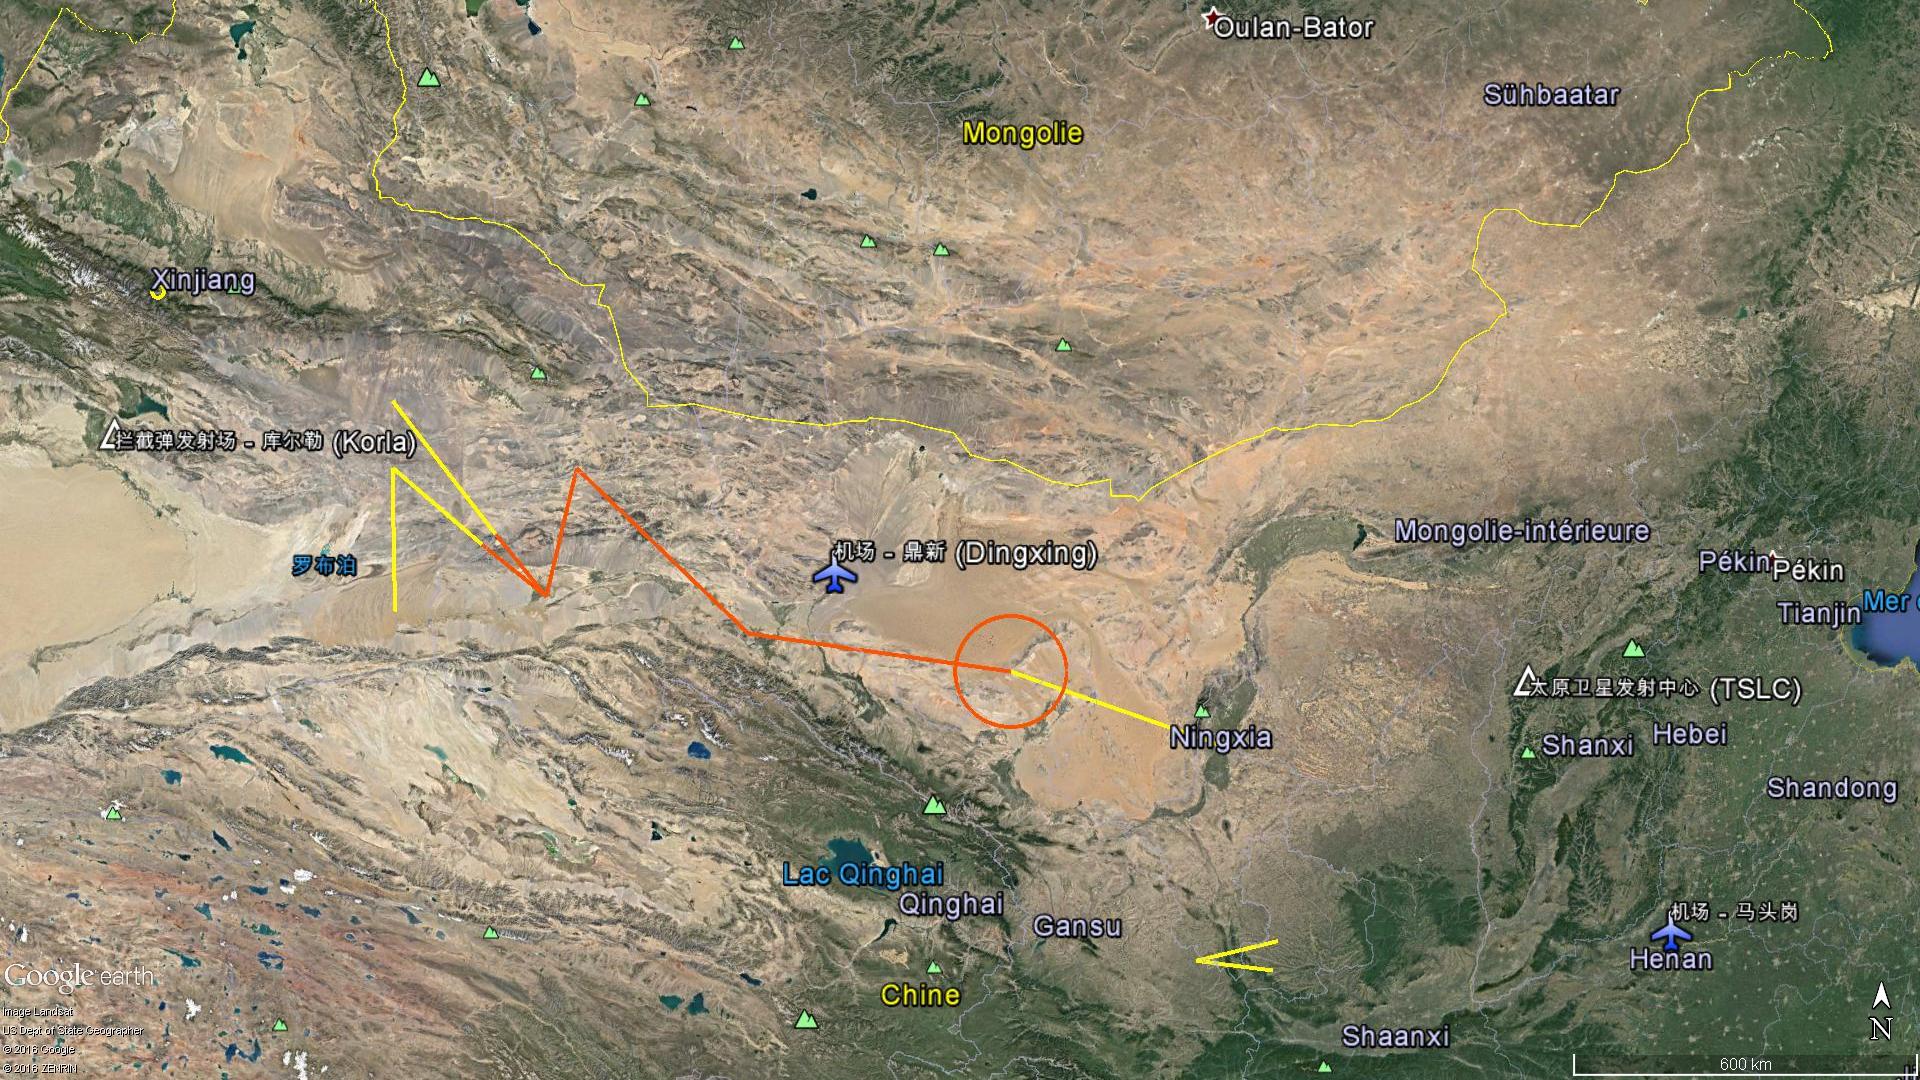 Les zones interdites de survol pour l'essai hypersonique du 15 Octobre 2016